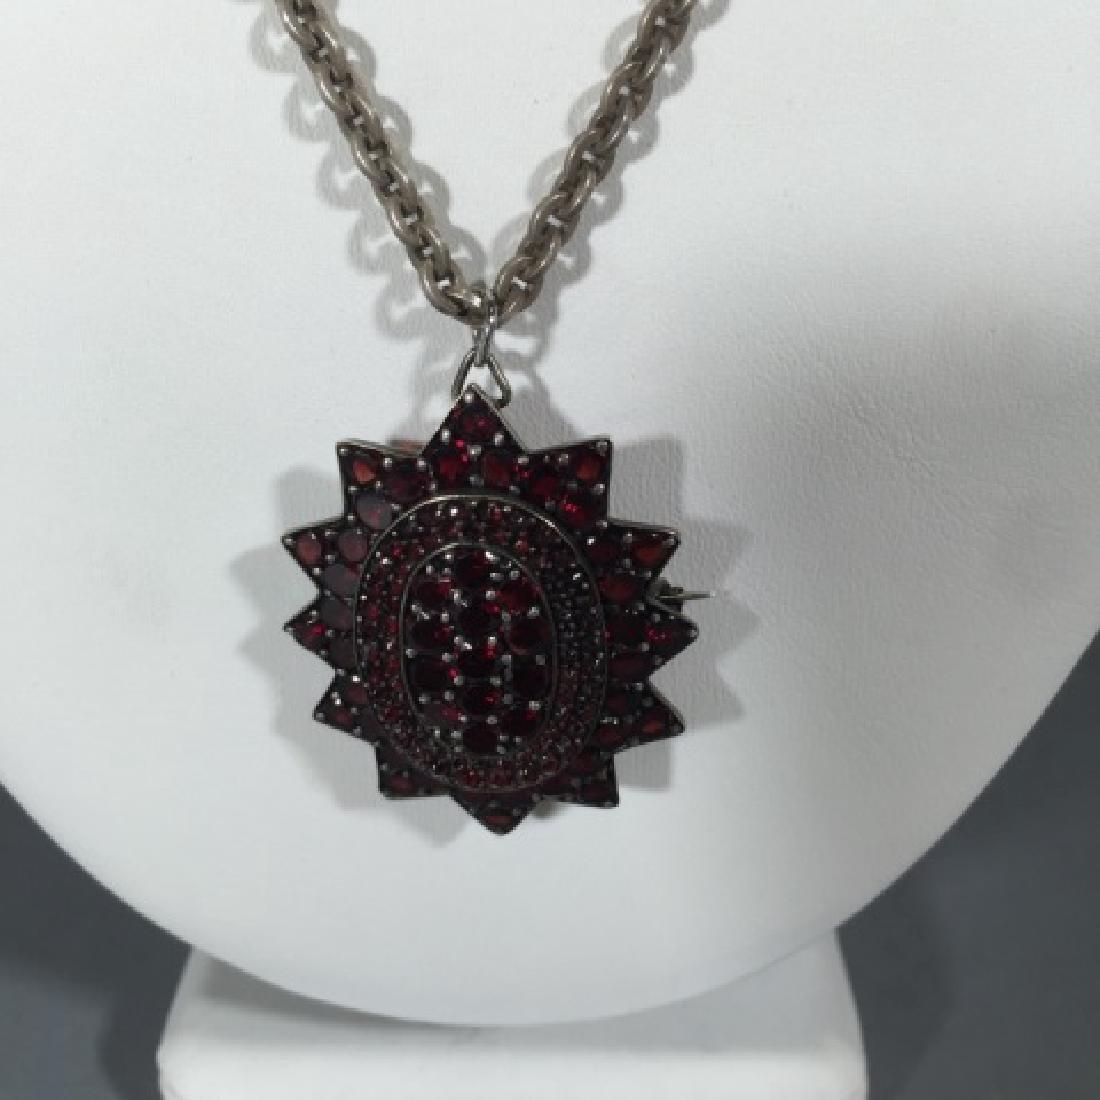 Large Antique 19th C Garnet Star Necklace Pendant